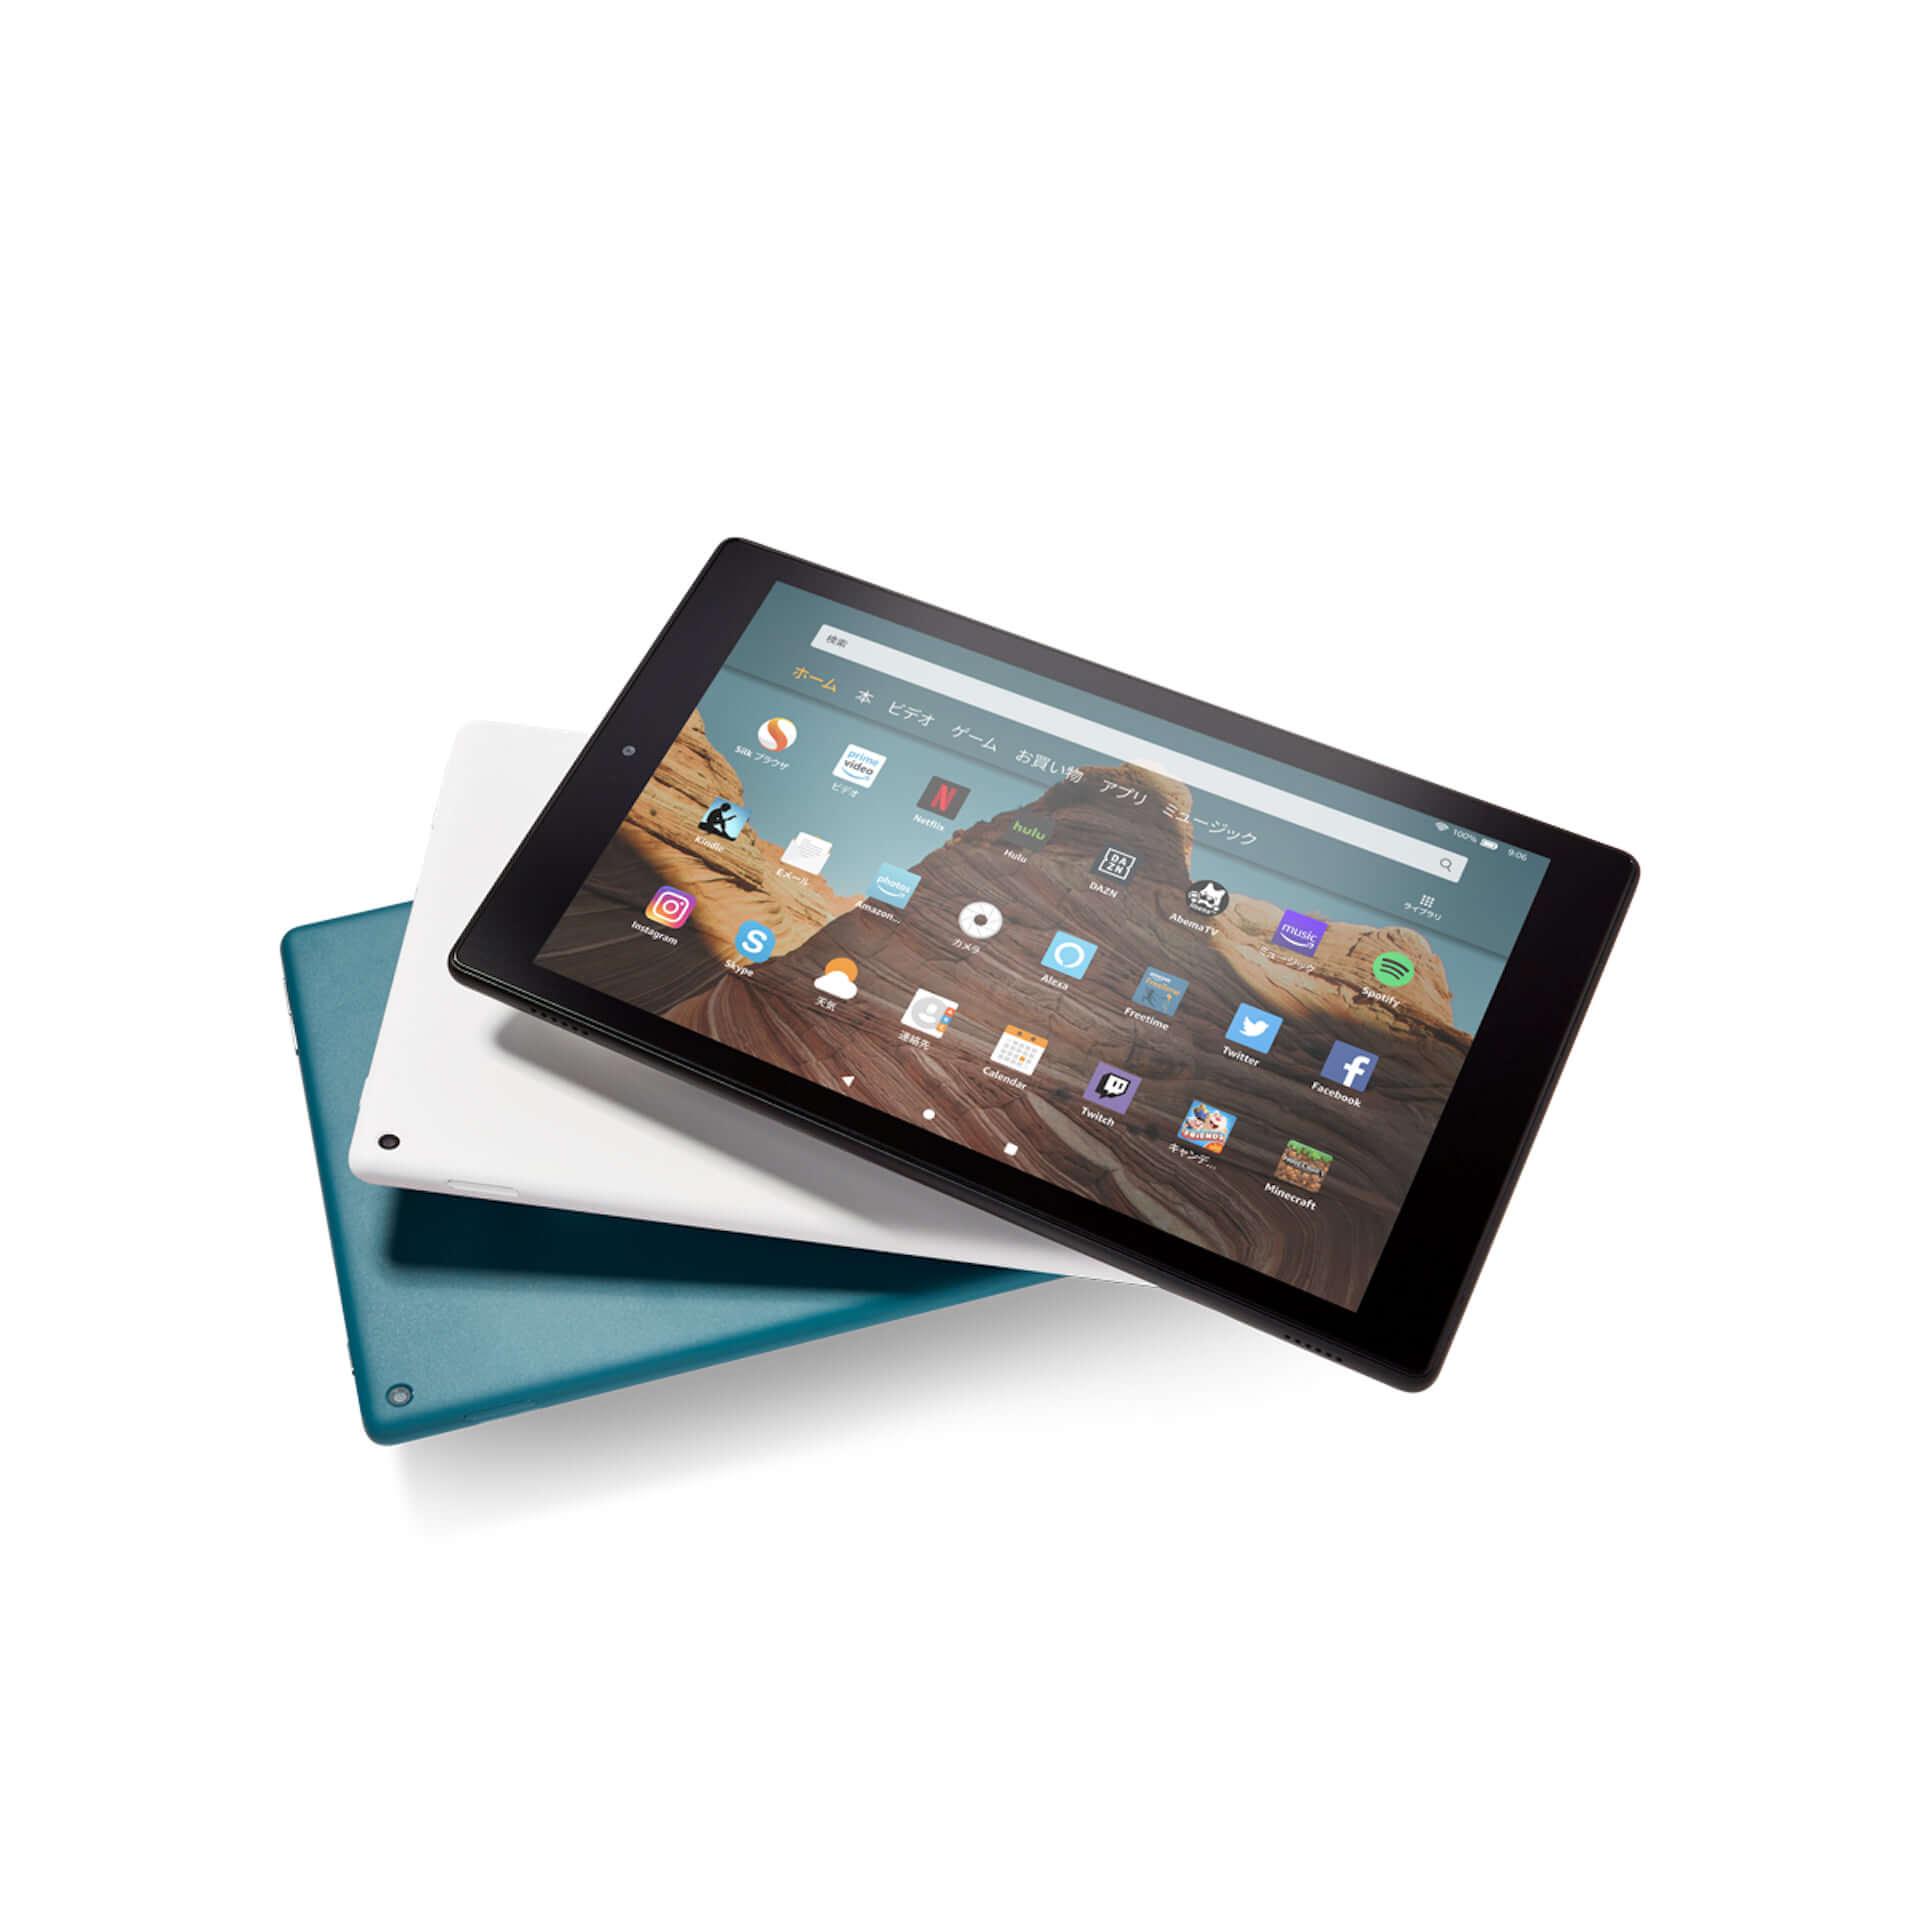 Amazon、大画面10.1インチ、USB Type-C搭載の「Fire HD 10 タブレット」が新登場! tech191008fire-hd-10_06-1920x1920